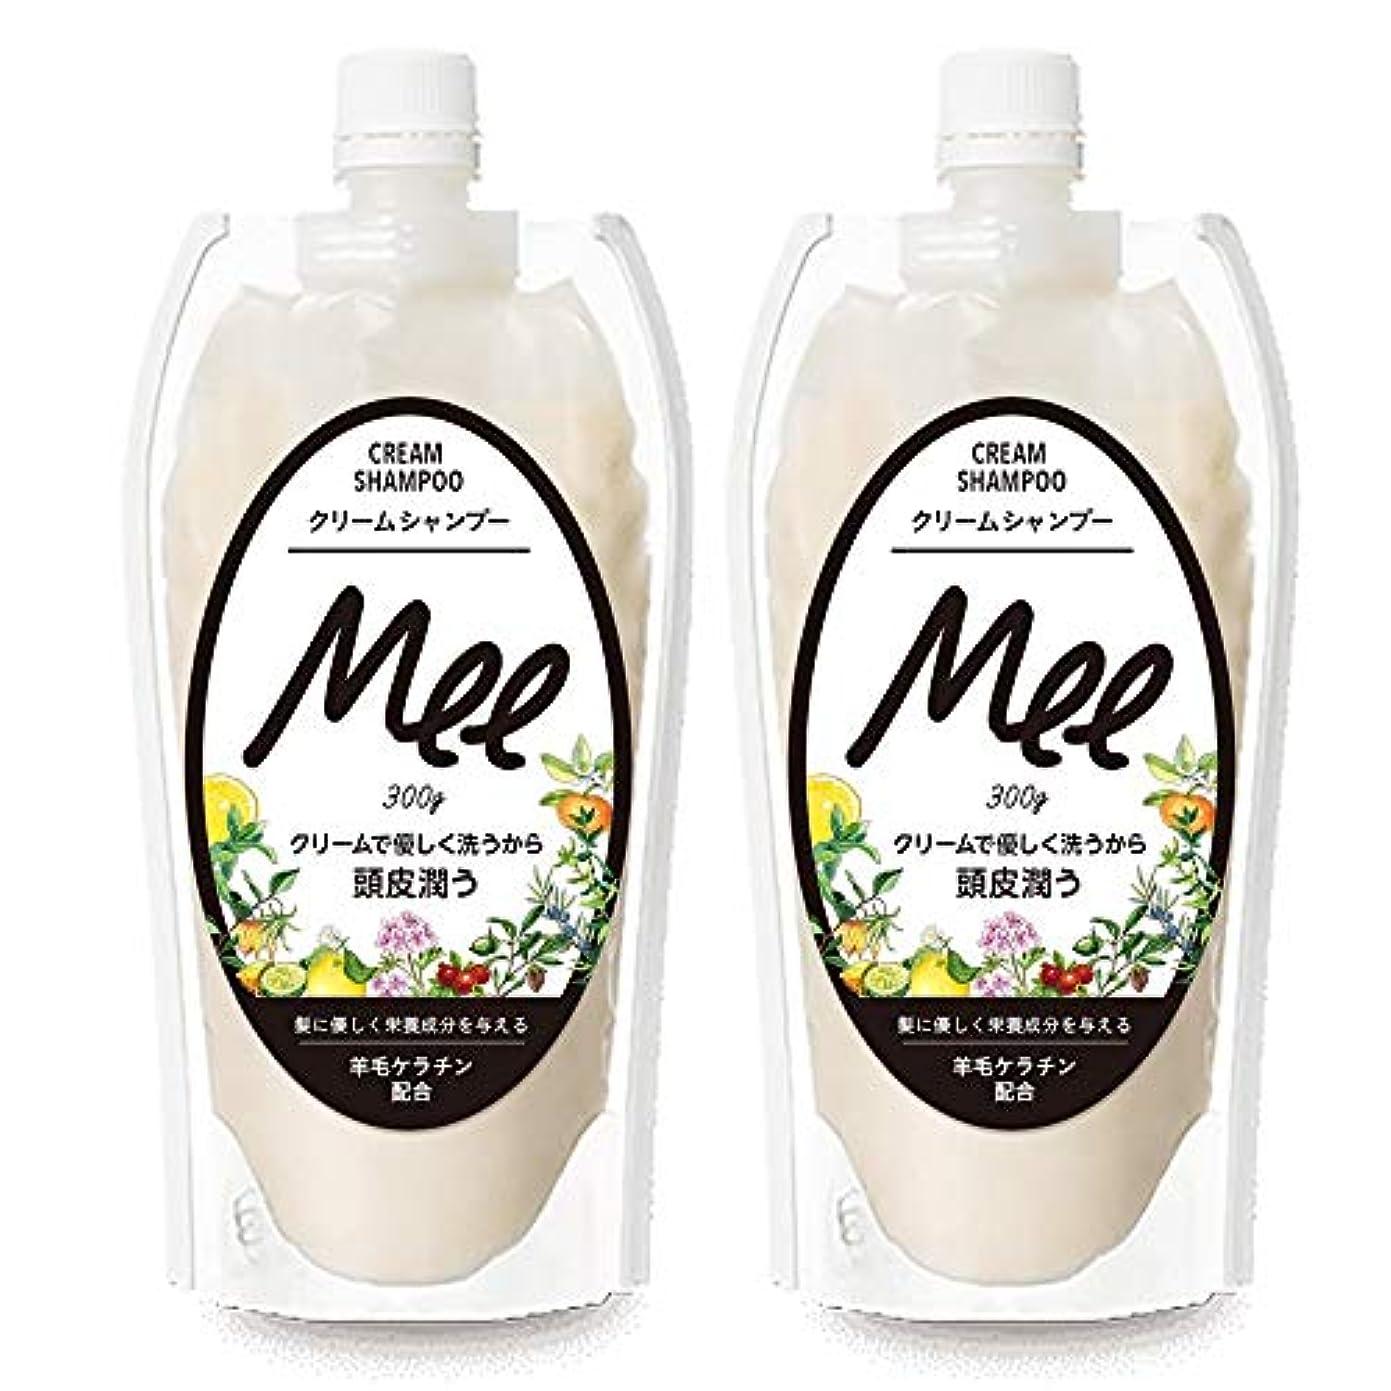 成熟した計算可能連続的まとめ買い【2個組】 NEW!! 洗えるトリートメントMEE Mee 300g×2個SET クリームシャンプー 皮脂 乾燥肌 ダメージケア 大容量 時短 フケ かゆみ